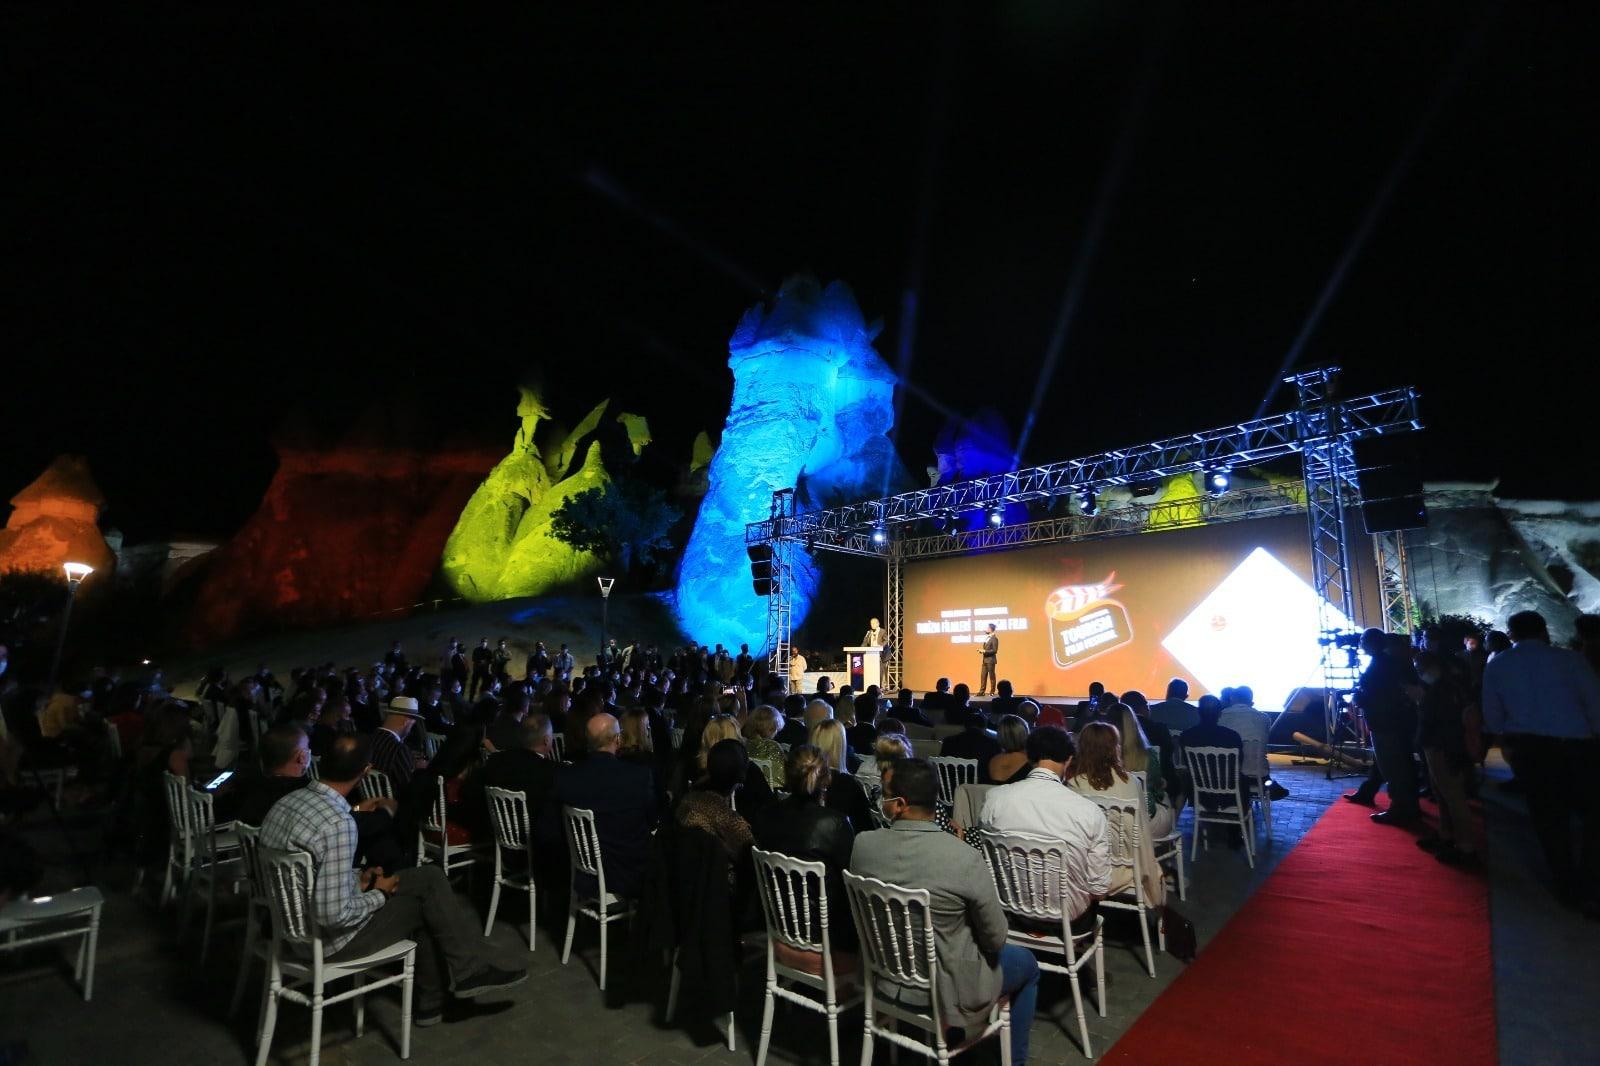 Premio de Oro al Mejor Producto Turístico en el Uluslararası Turizm Filmleri Festivali 2